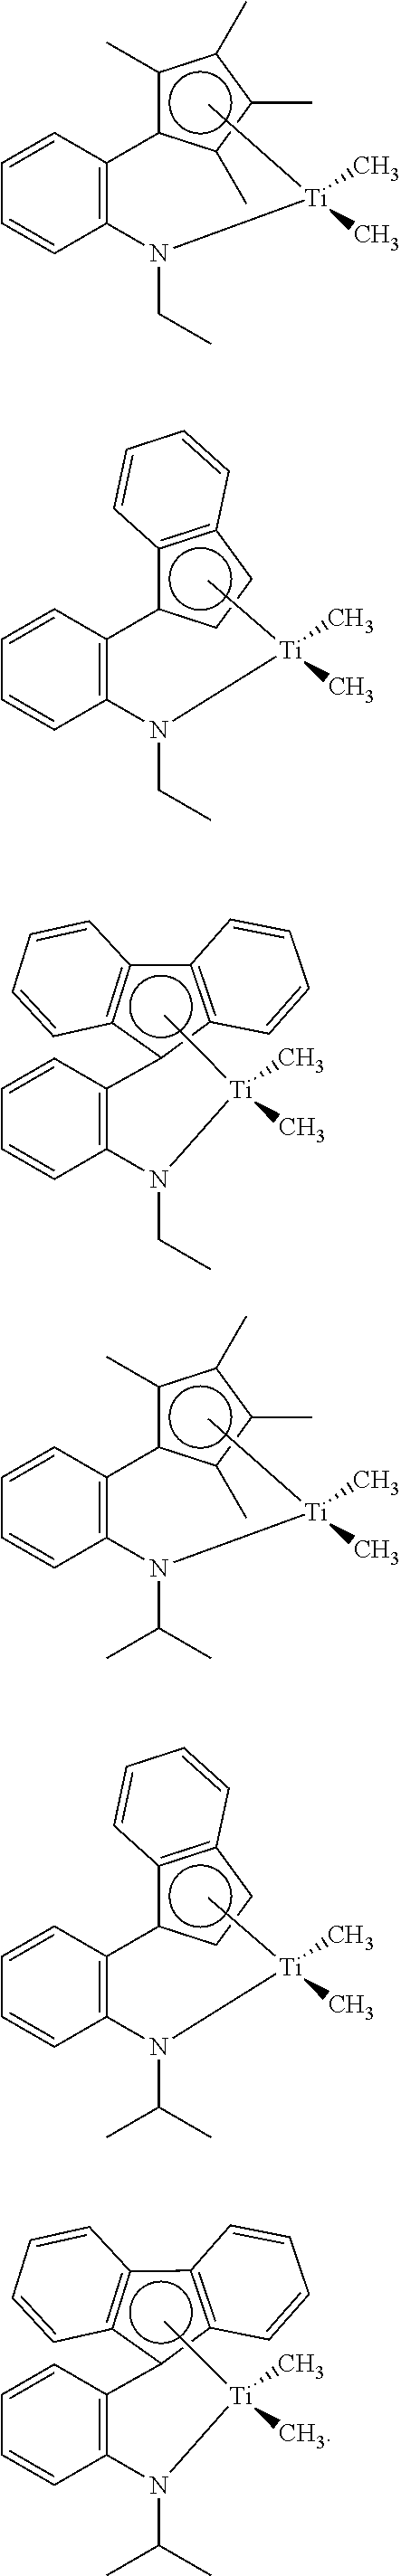 Figure US07932207-20110426-C00042